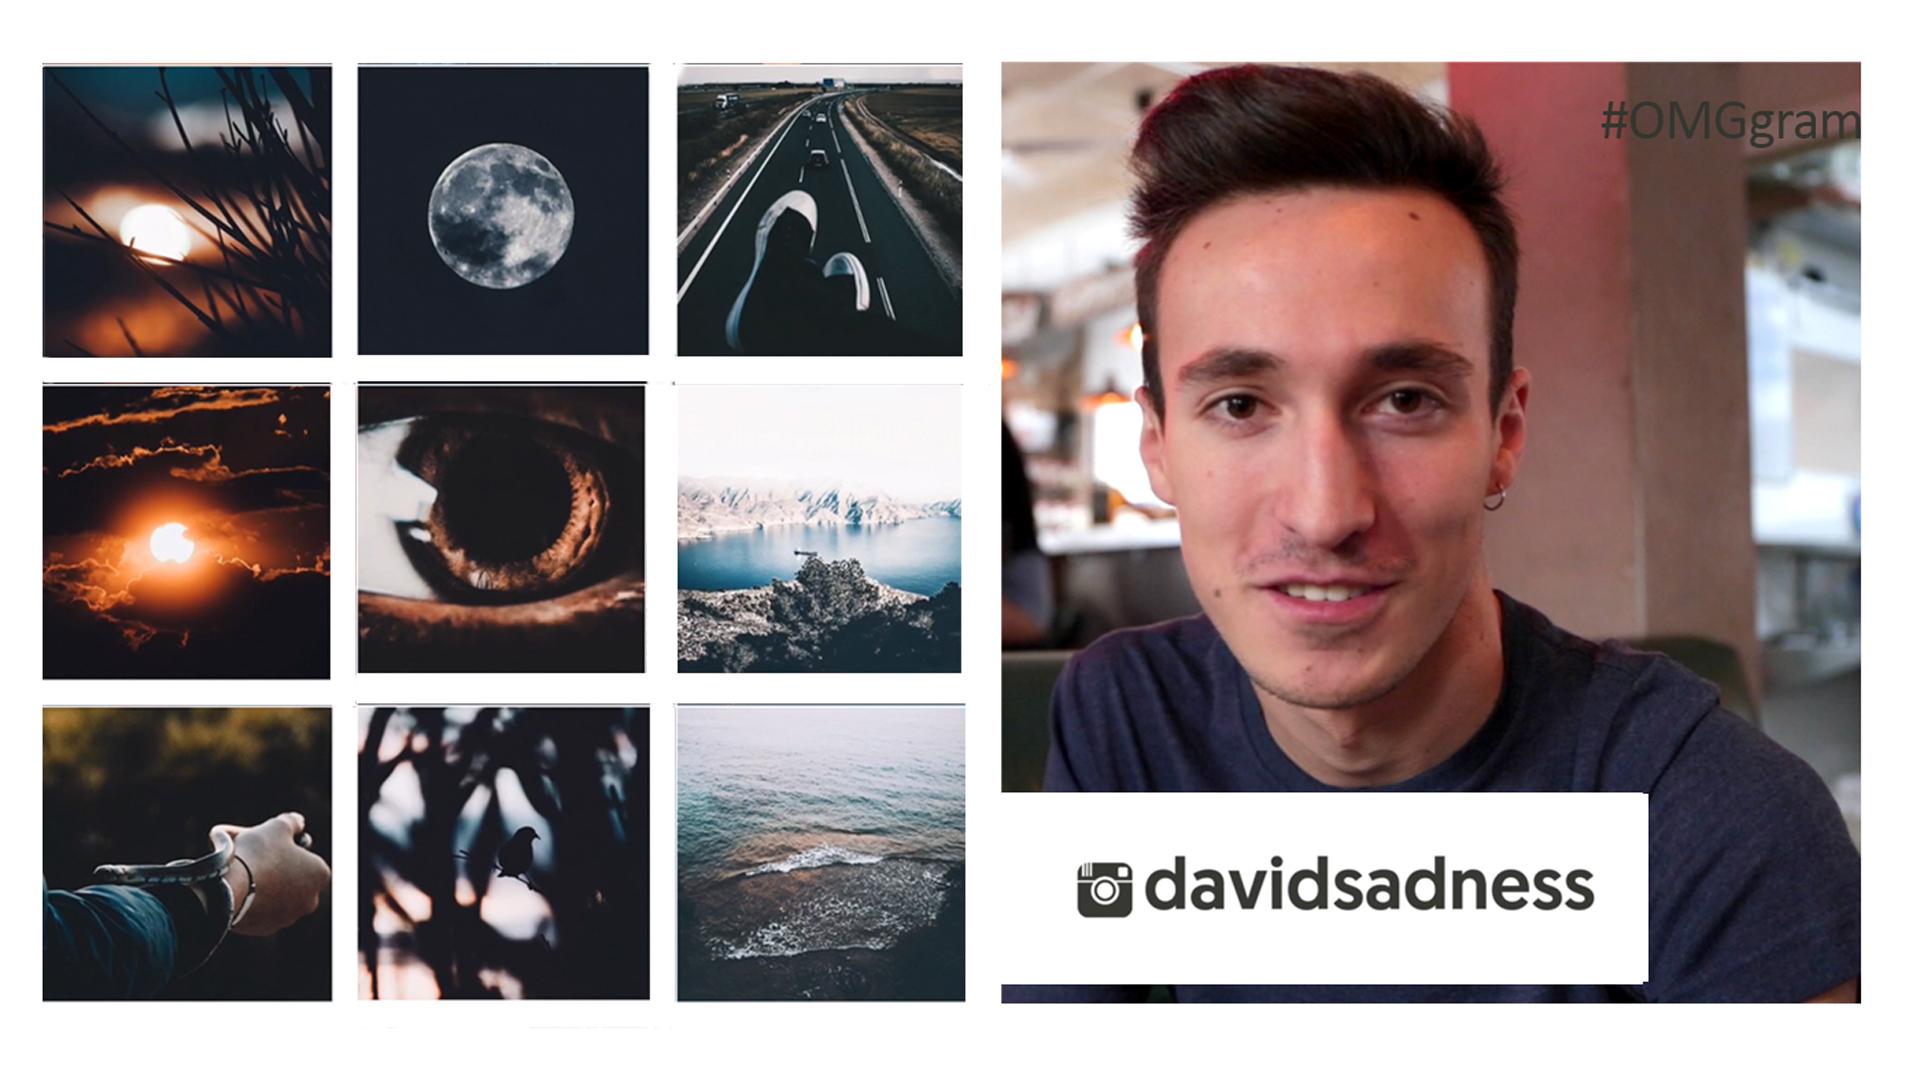 Temporada 1 @davidsadness, sus fotografías te enamoran al instante